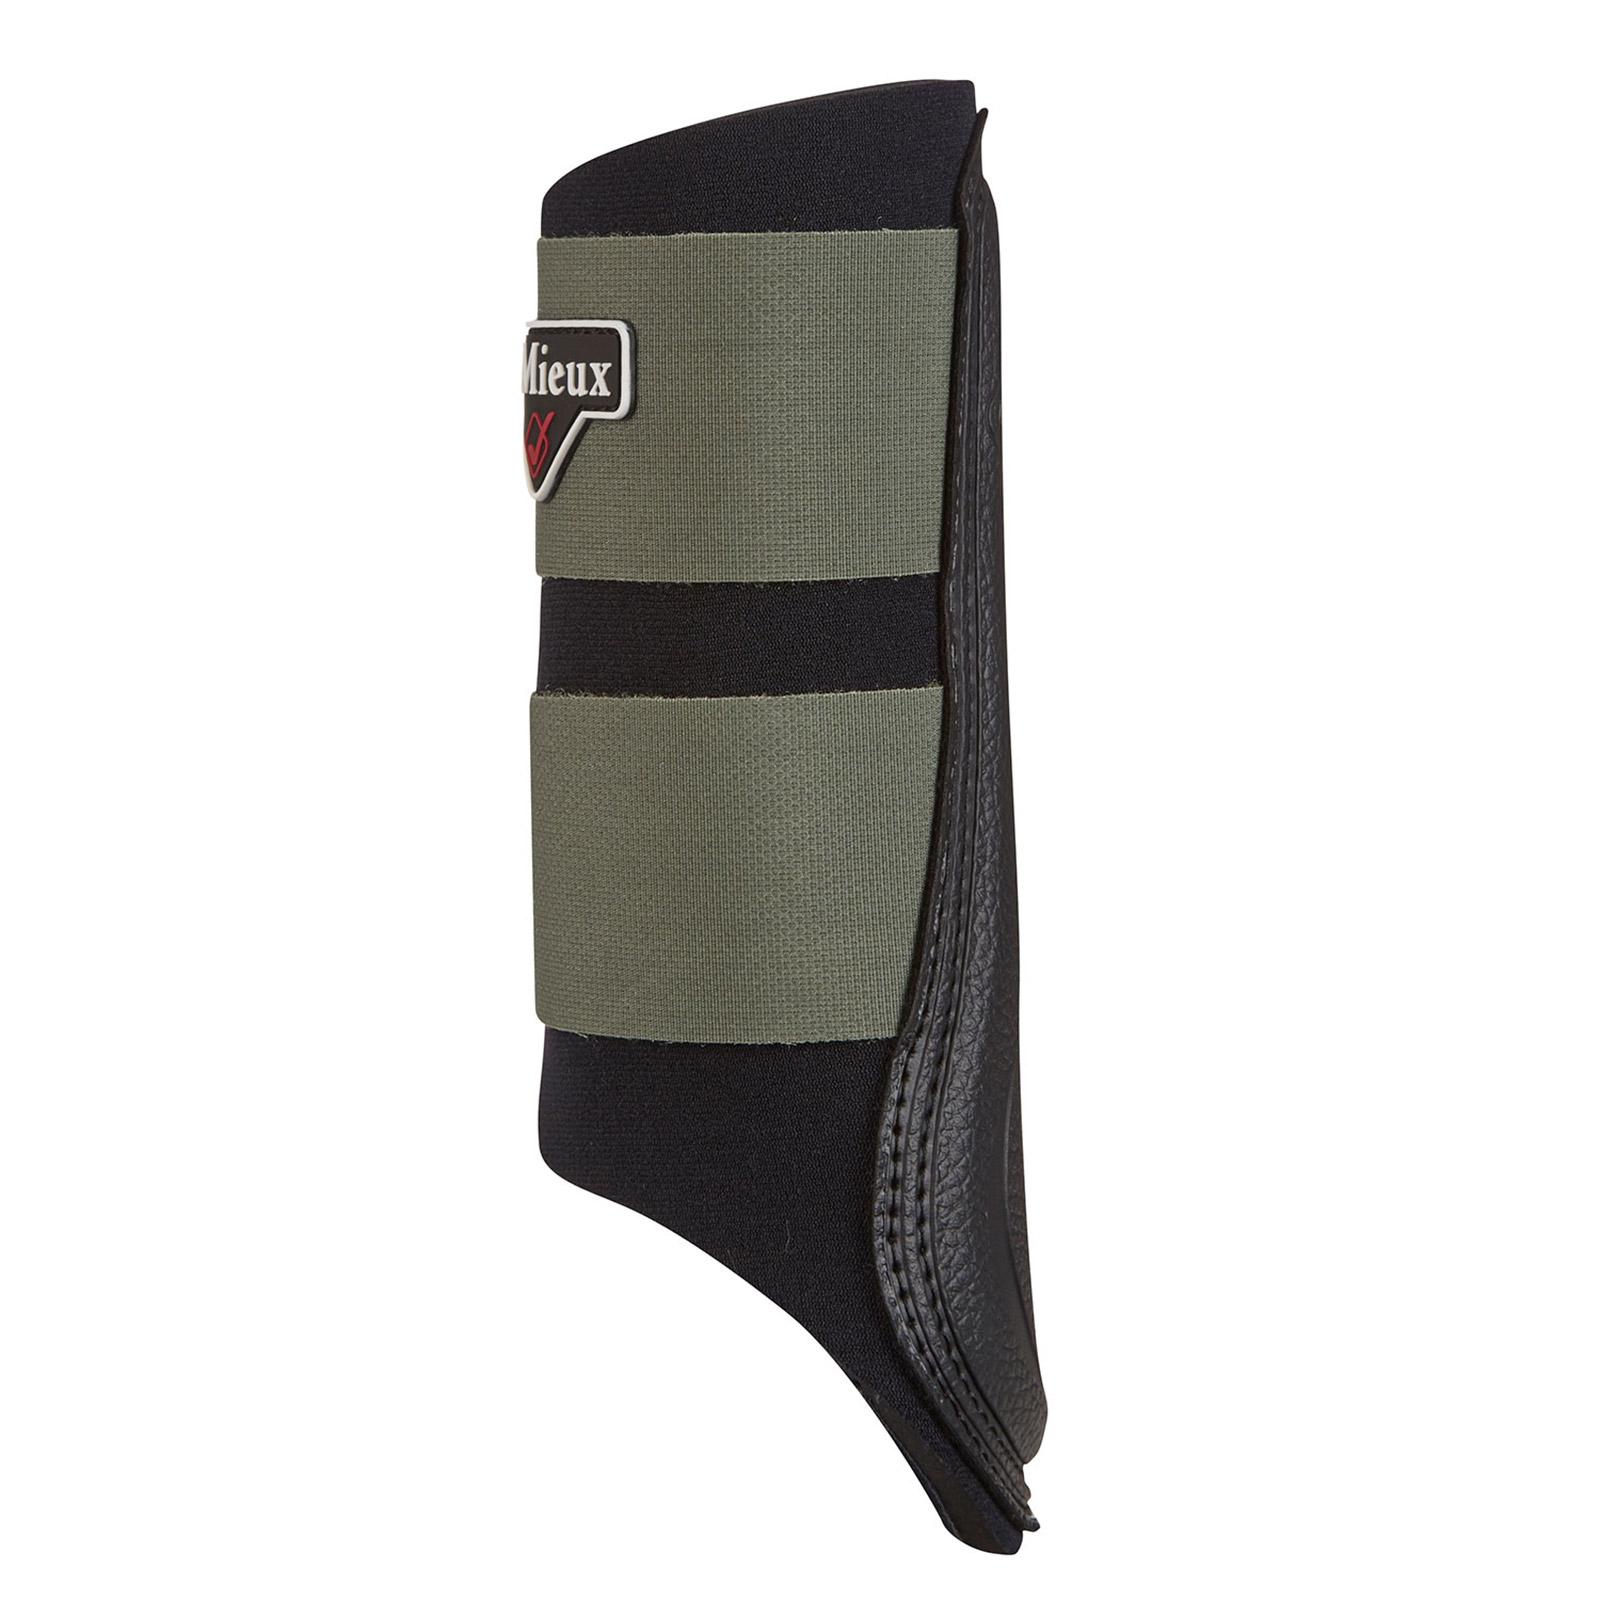 LEMIEUX-PROSPORT-Grafter-Brossage-Bottes-Leger-Protection miniature 32